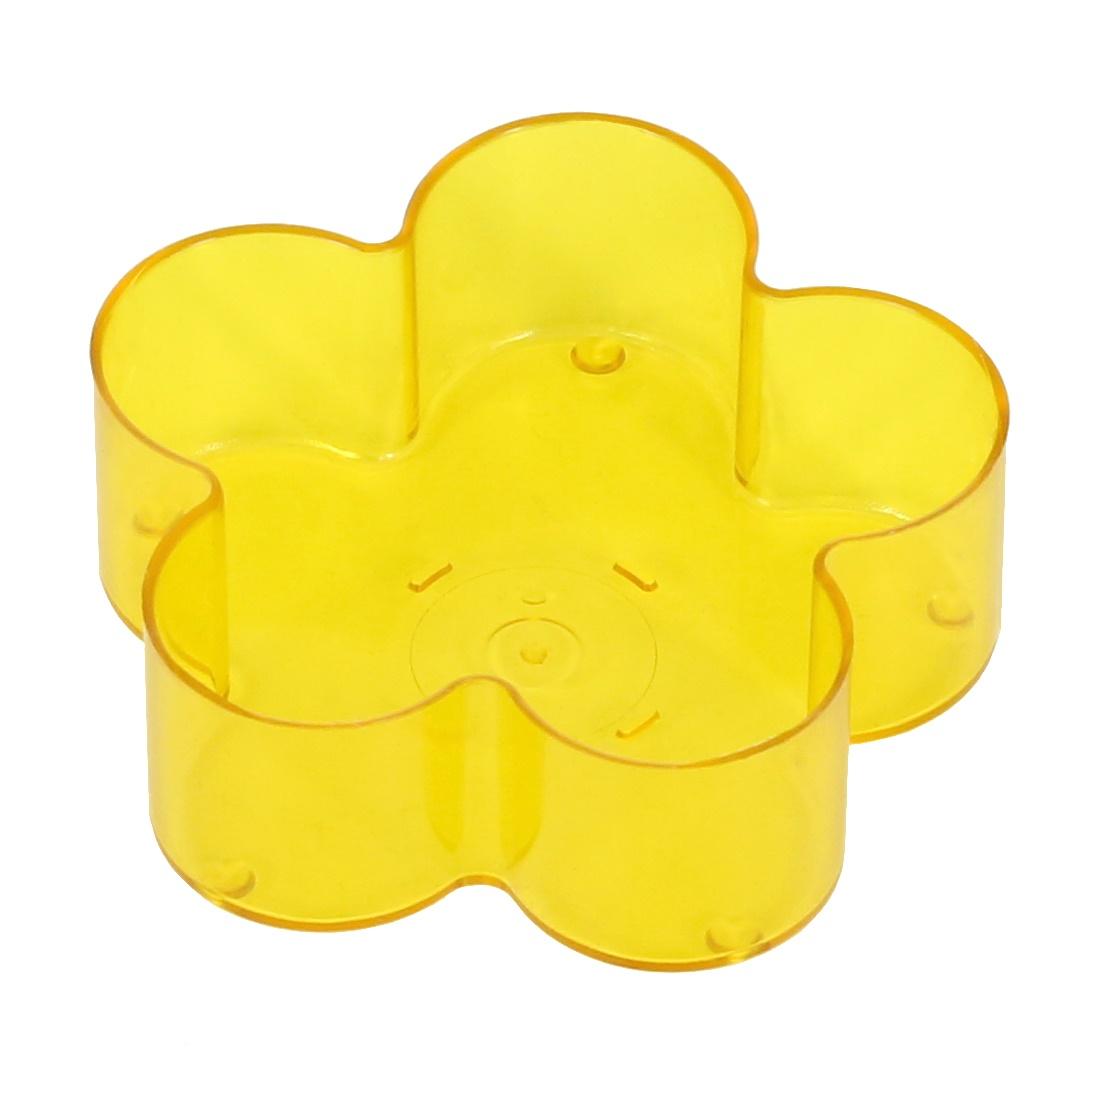 Tannenbaum Kunststoff Teelichthüllen H57xB55mm Kerzengießen Tanne Tannenform